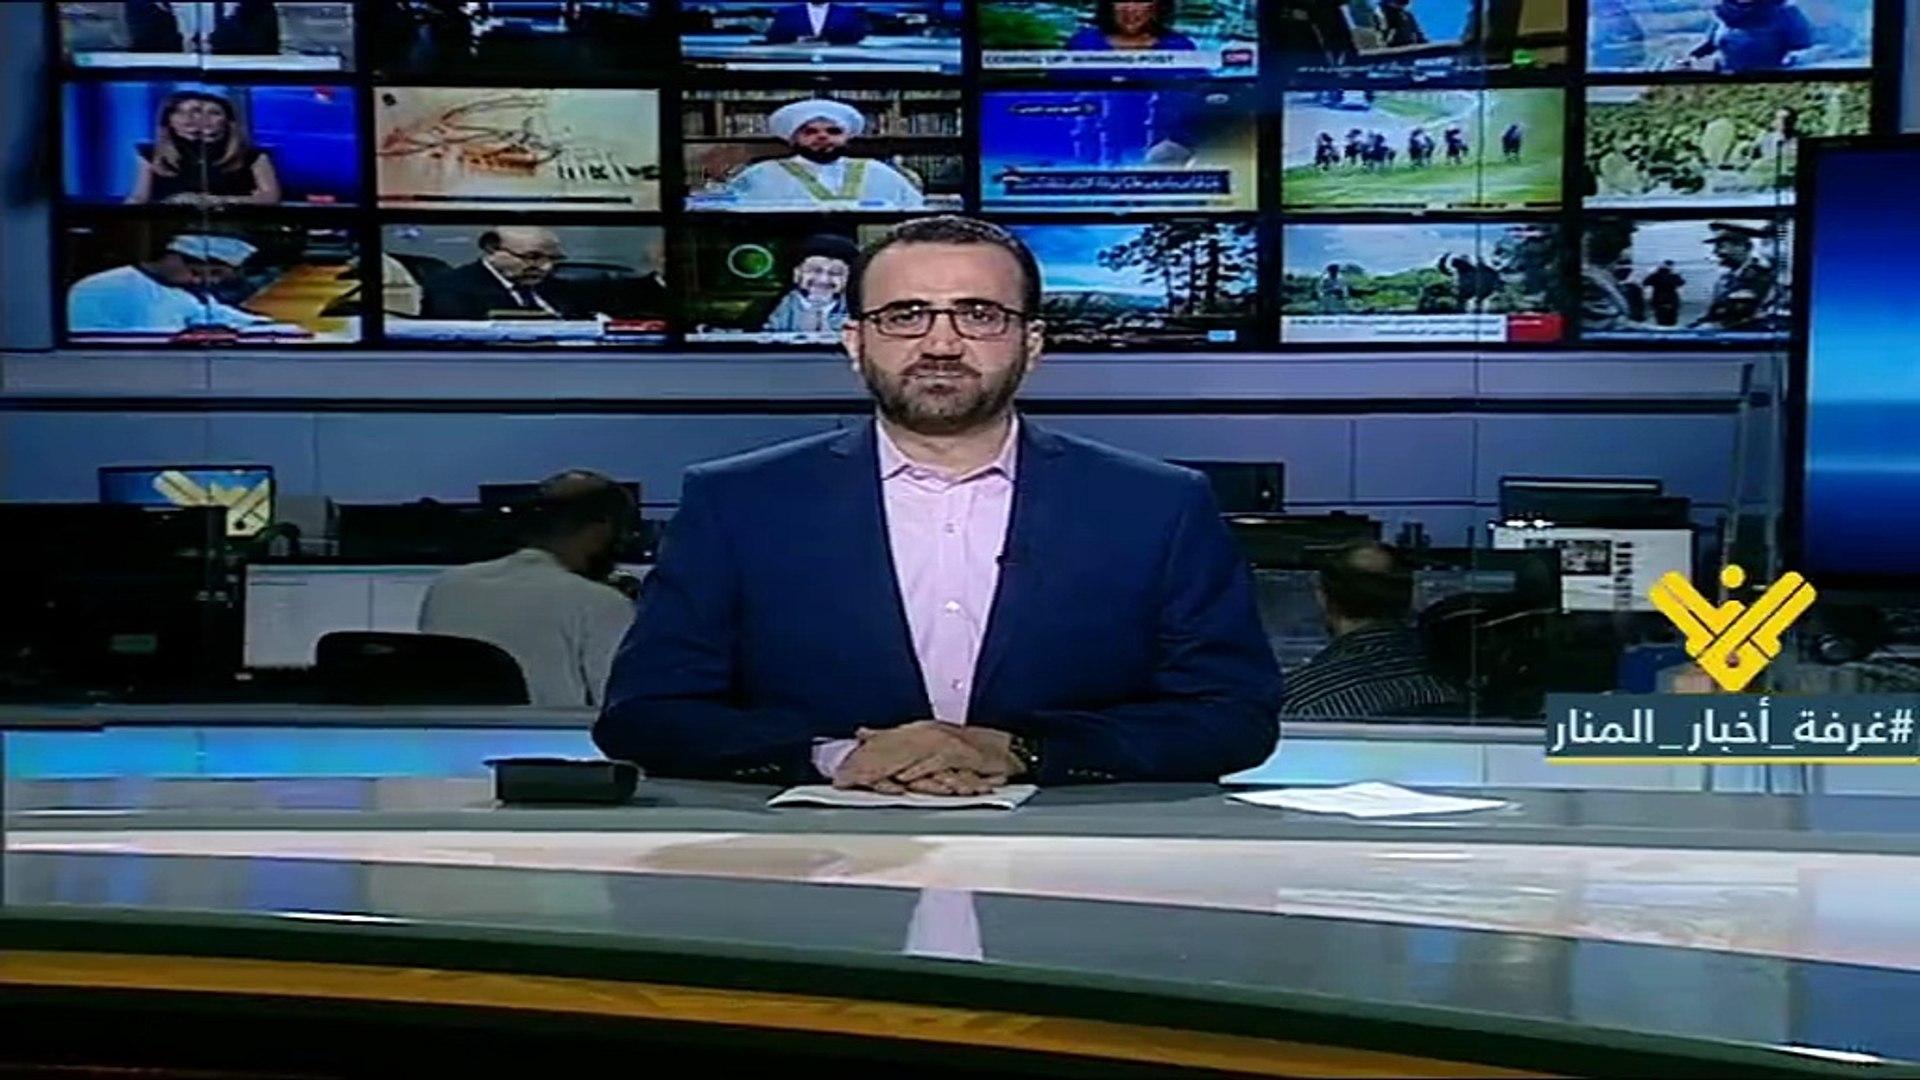 المركز الإعلاميّ في ائتلاف14فبراير يهنّئ قناة المنار في الذكرى30لتأسيسها